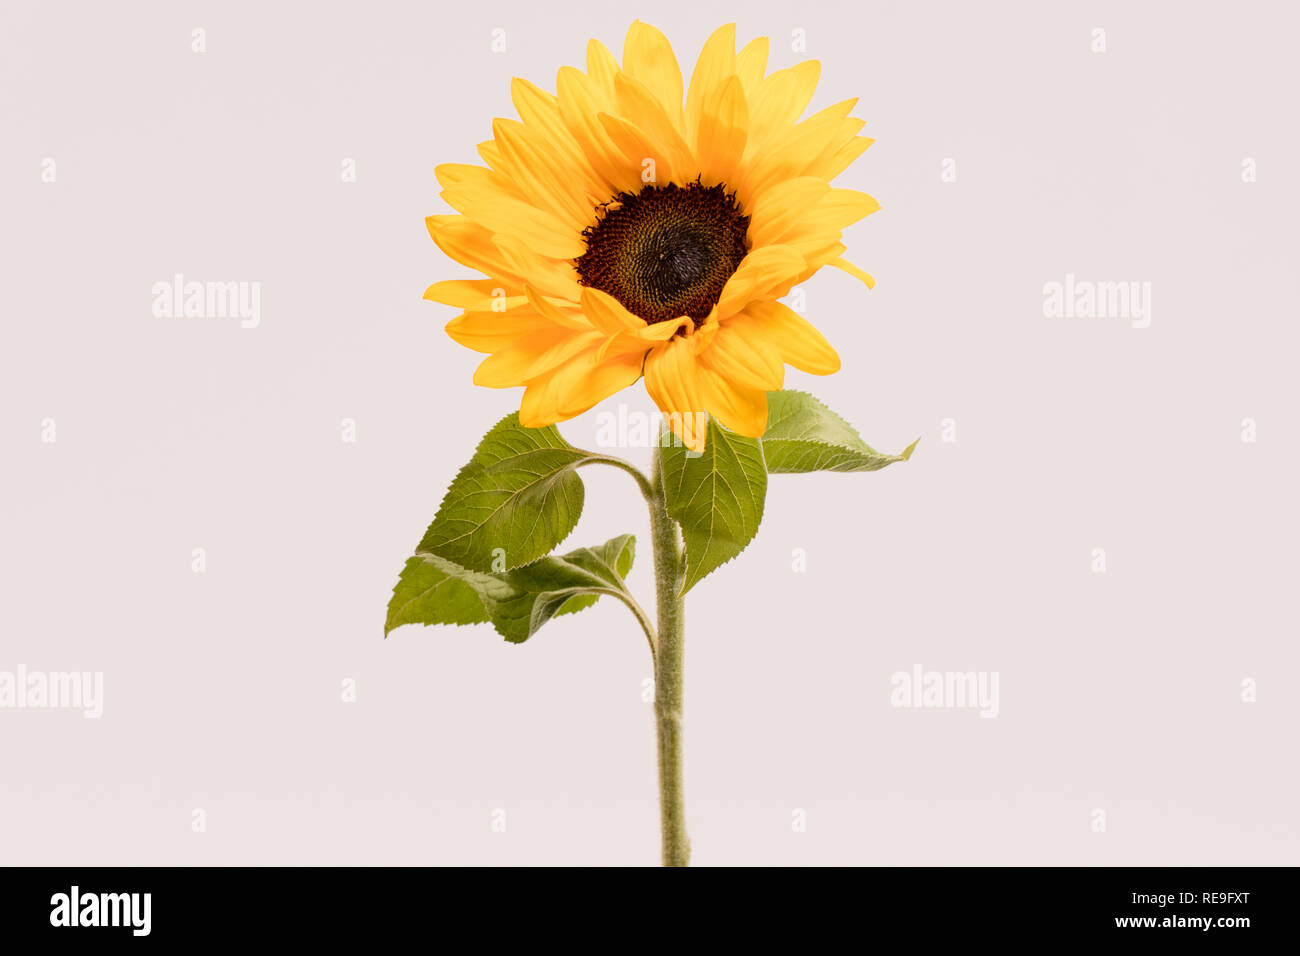 Summer Flower, Sun Flower - Stock Image